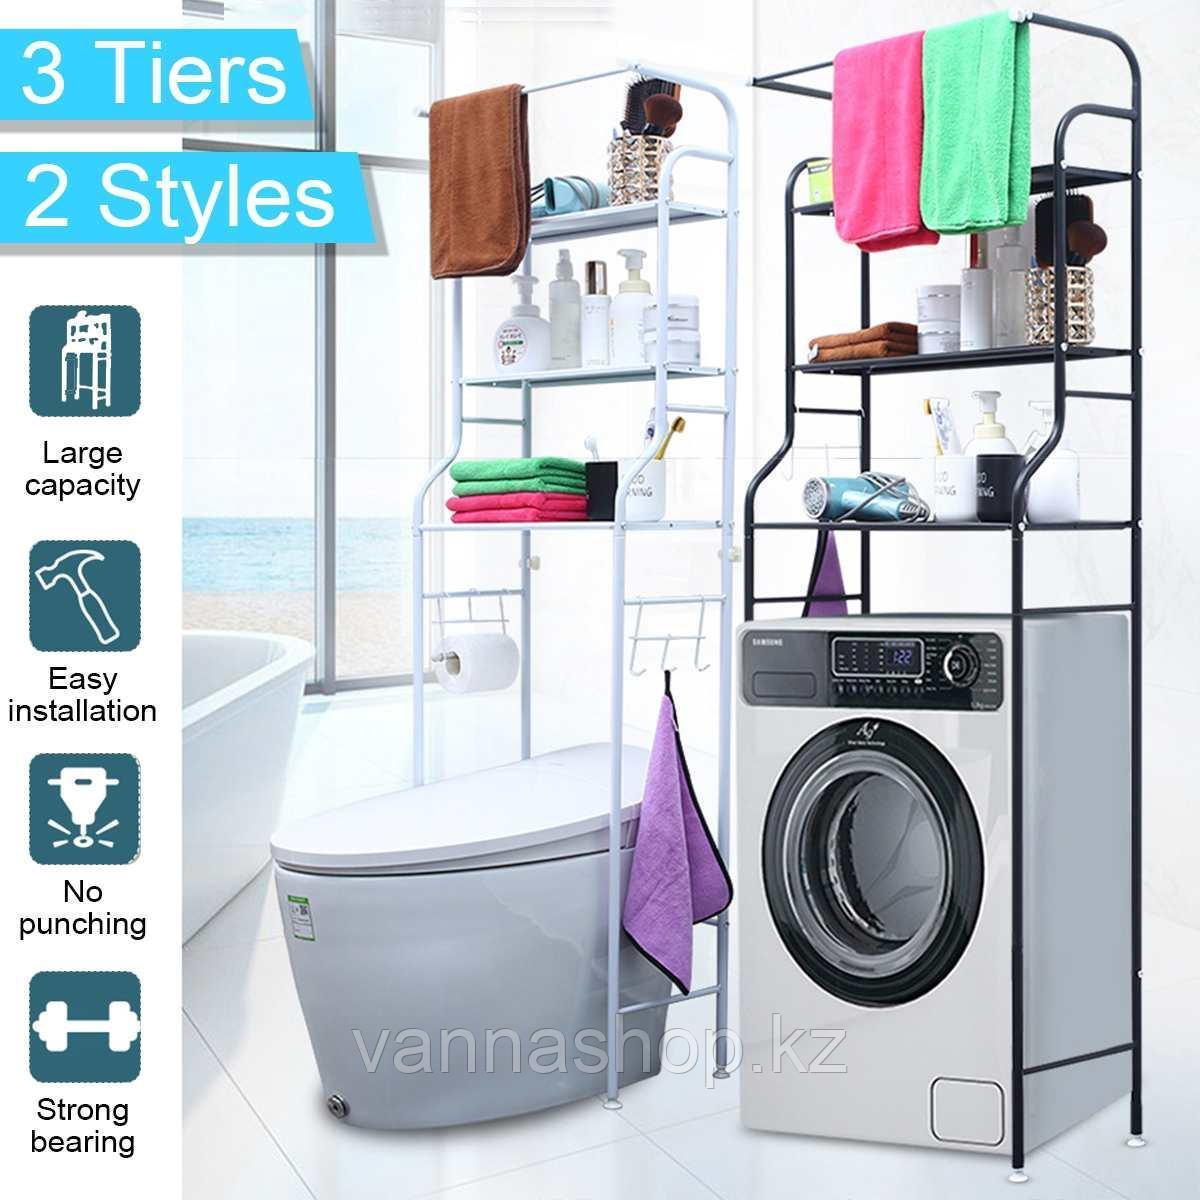 Полка для унитаза из нержавеющей стали, полка для кухонной стиральной машины, стойка для ванной комнат